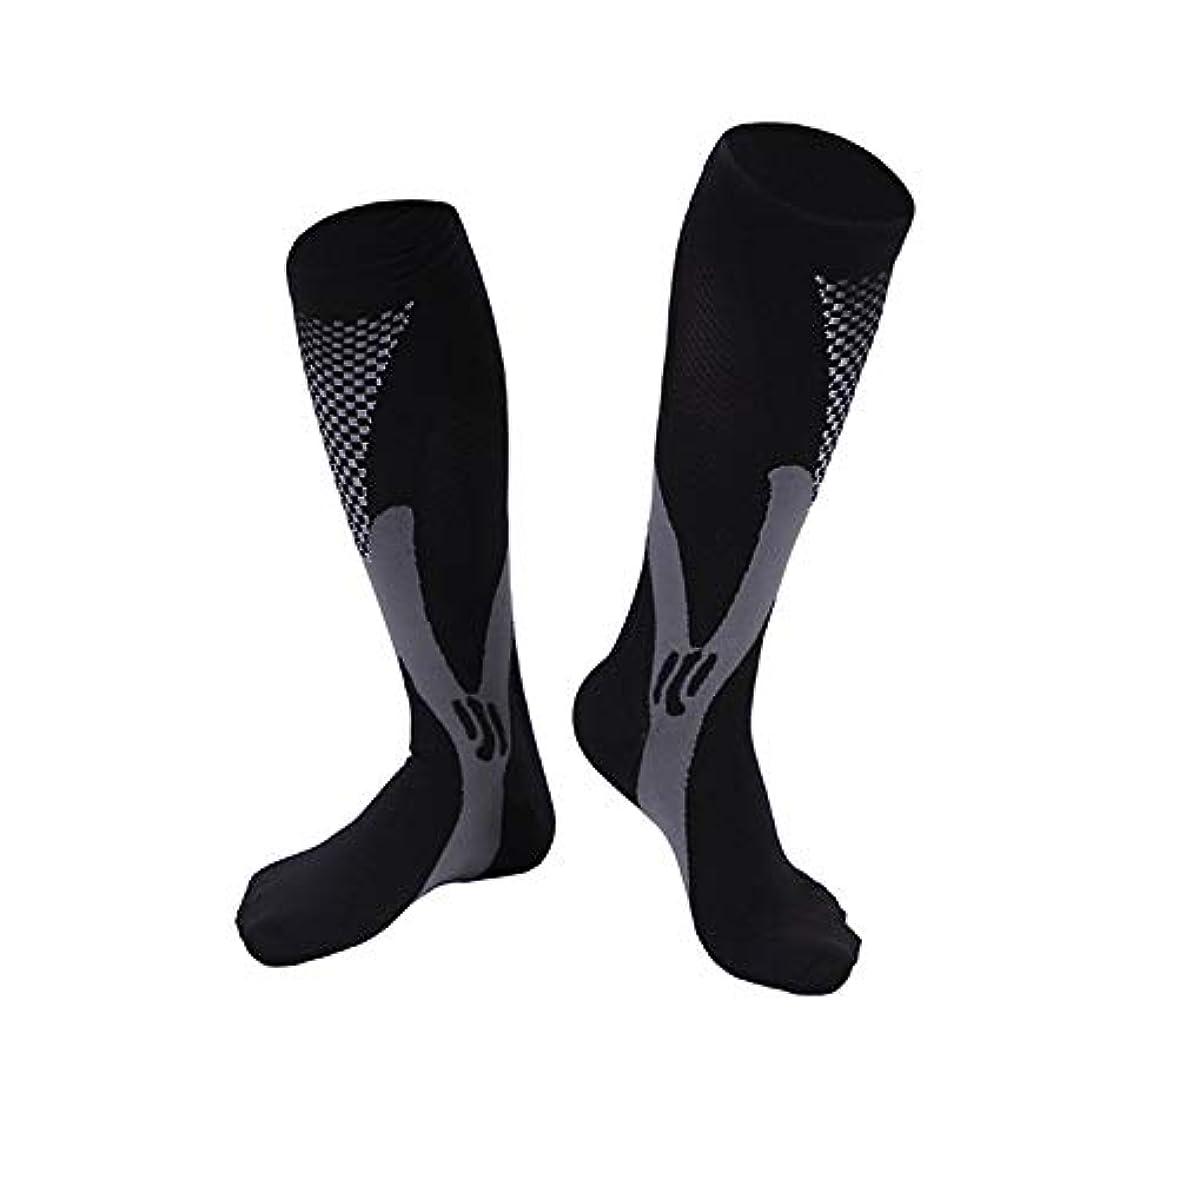 経度わずかに論争の的快適な男性女性ファッションレッグサポートストレッチ圧縮ソックス下膝ソックスレッグサポートストレッチ通気性ソックス - ブラック2 XL